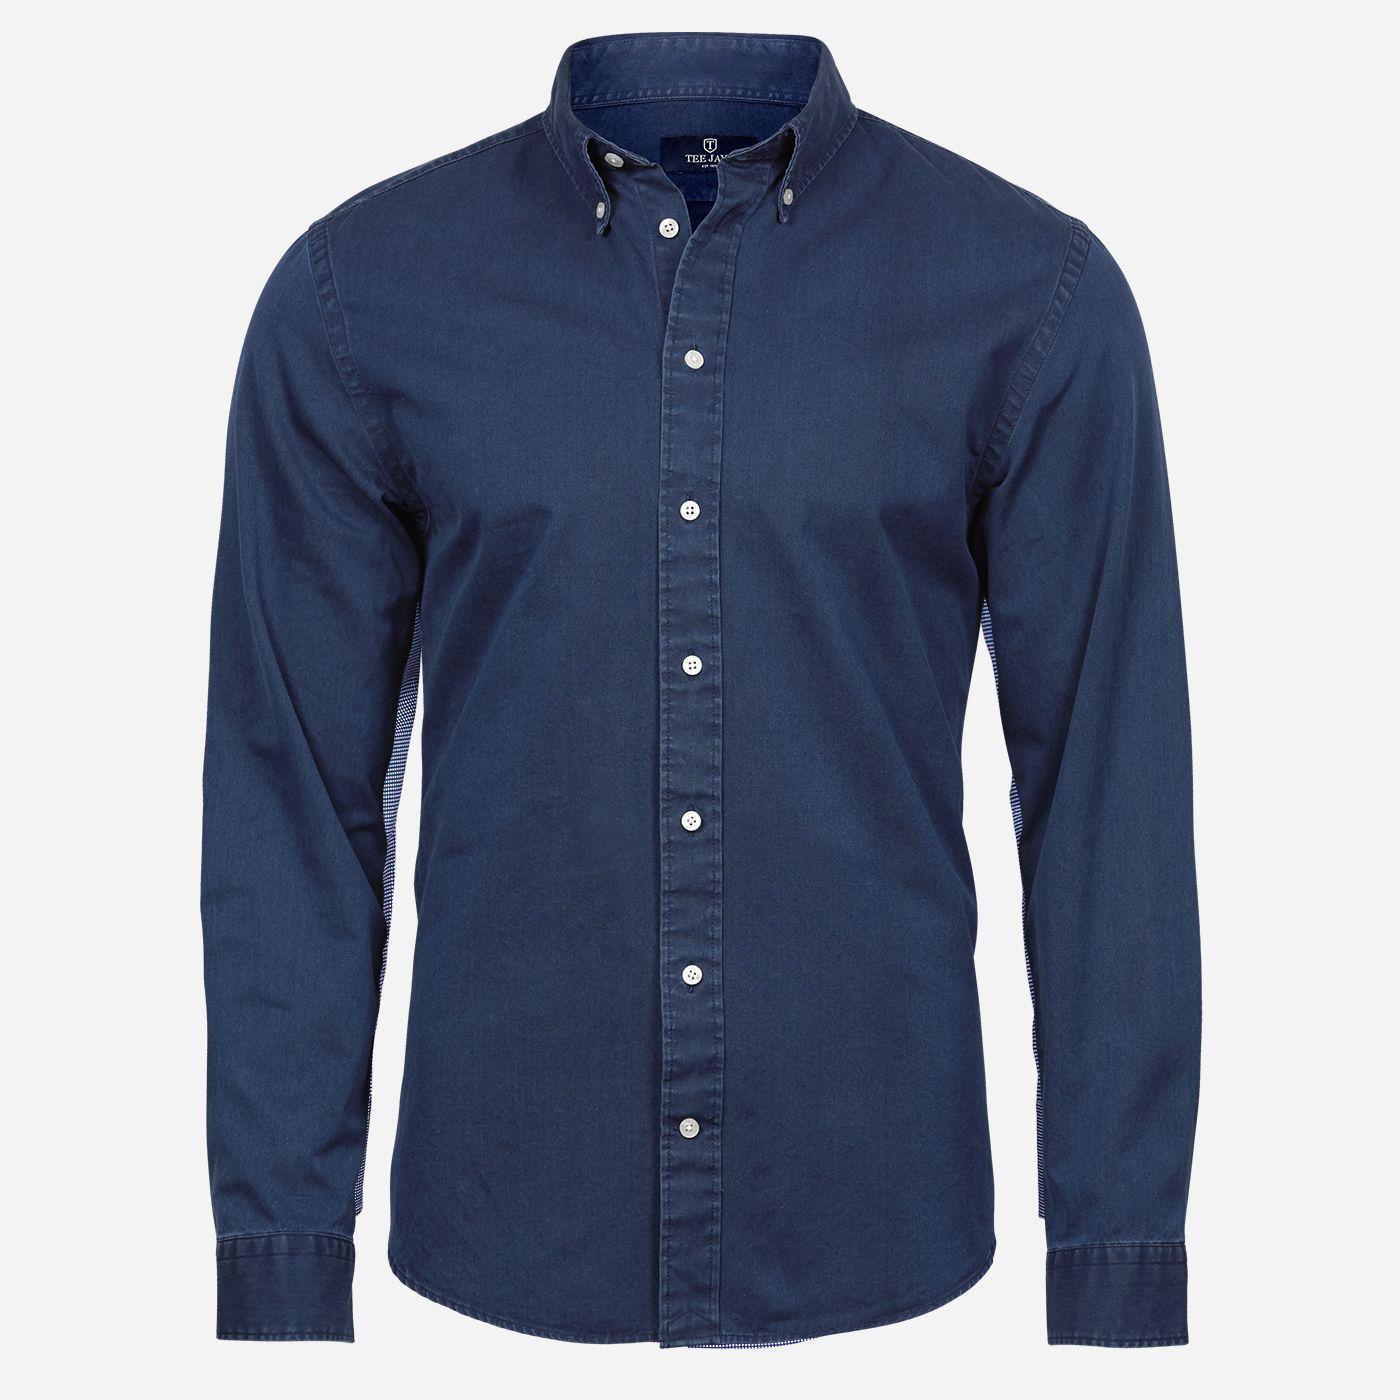 Modrá denim košeľa Tee Jays, Slim fit Veľkosť: XXL 45/46